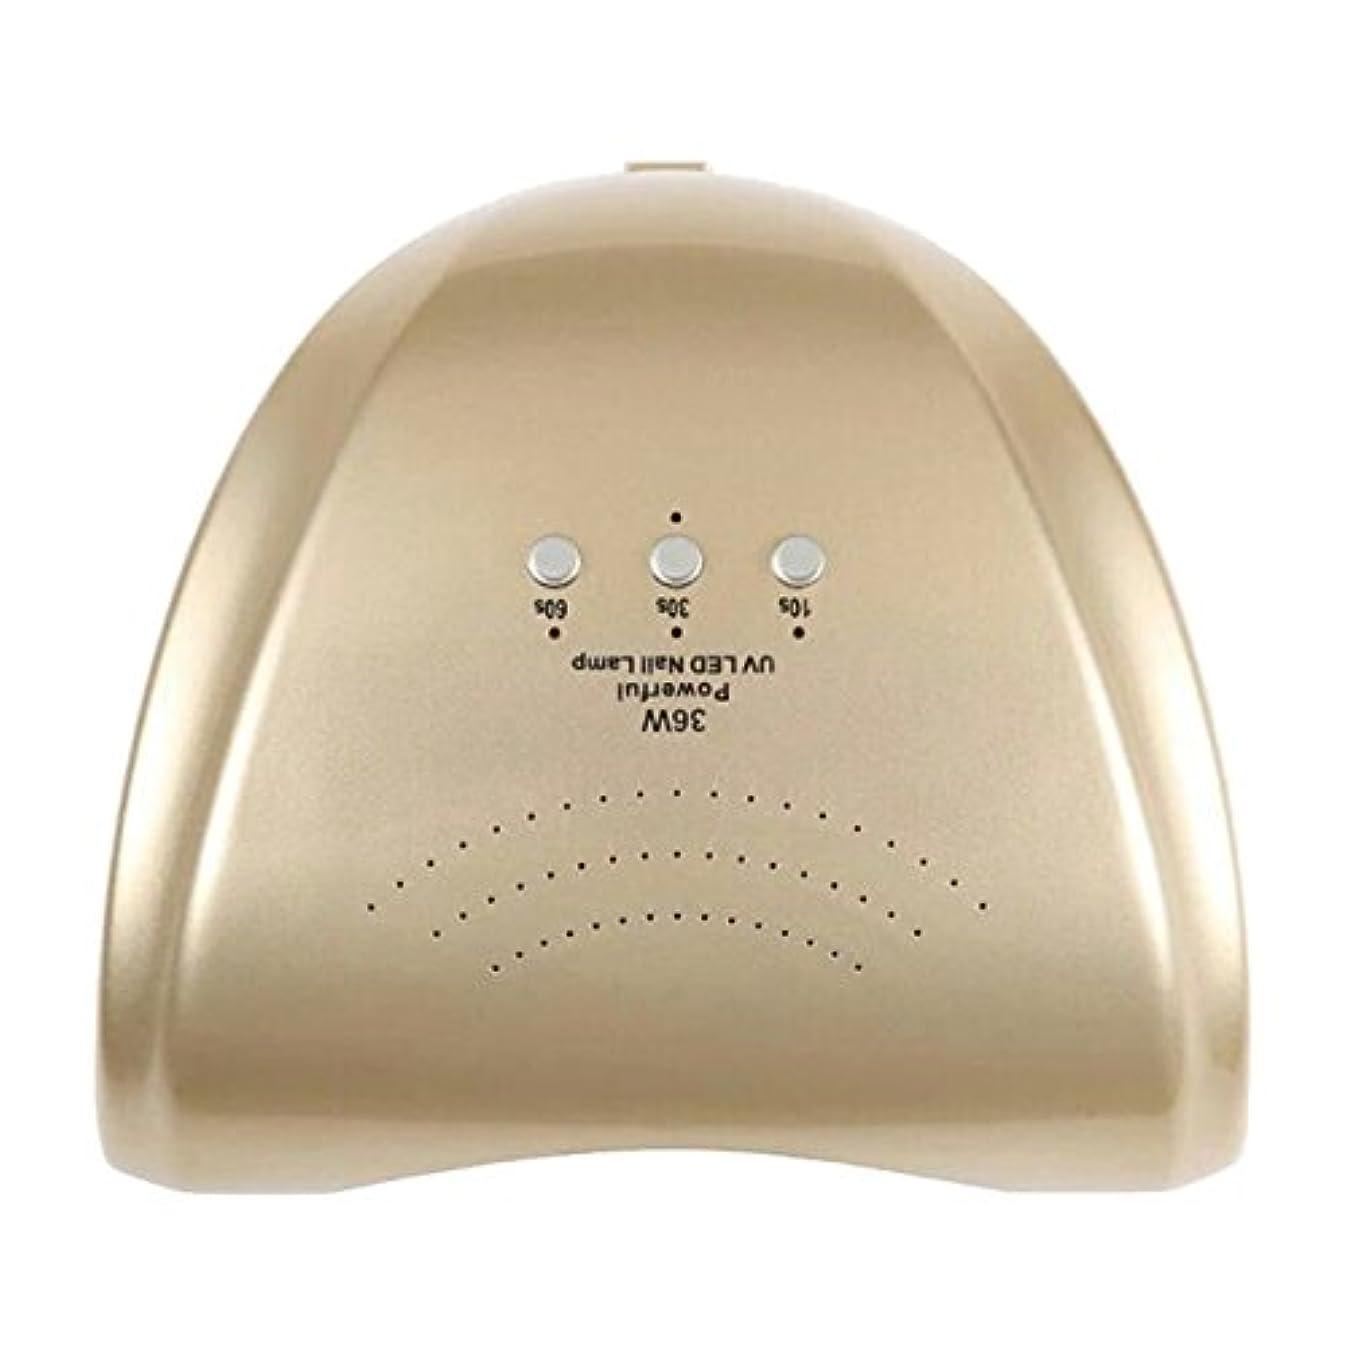 味わう排気もつれLa Curie 36W LED&UVネイルライト CCFL不使用 自動センサー ジェルネイル レジン 6ヶ月保証&日本語説明書&プロネイリスト監修ネイルレシピ付き 全9色 (ゴールド) LaCurie004